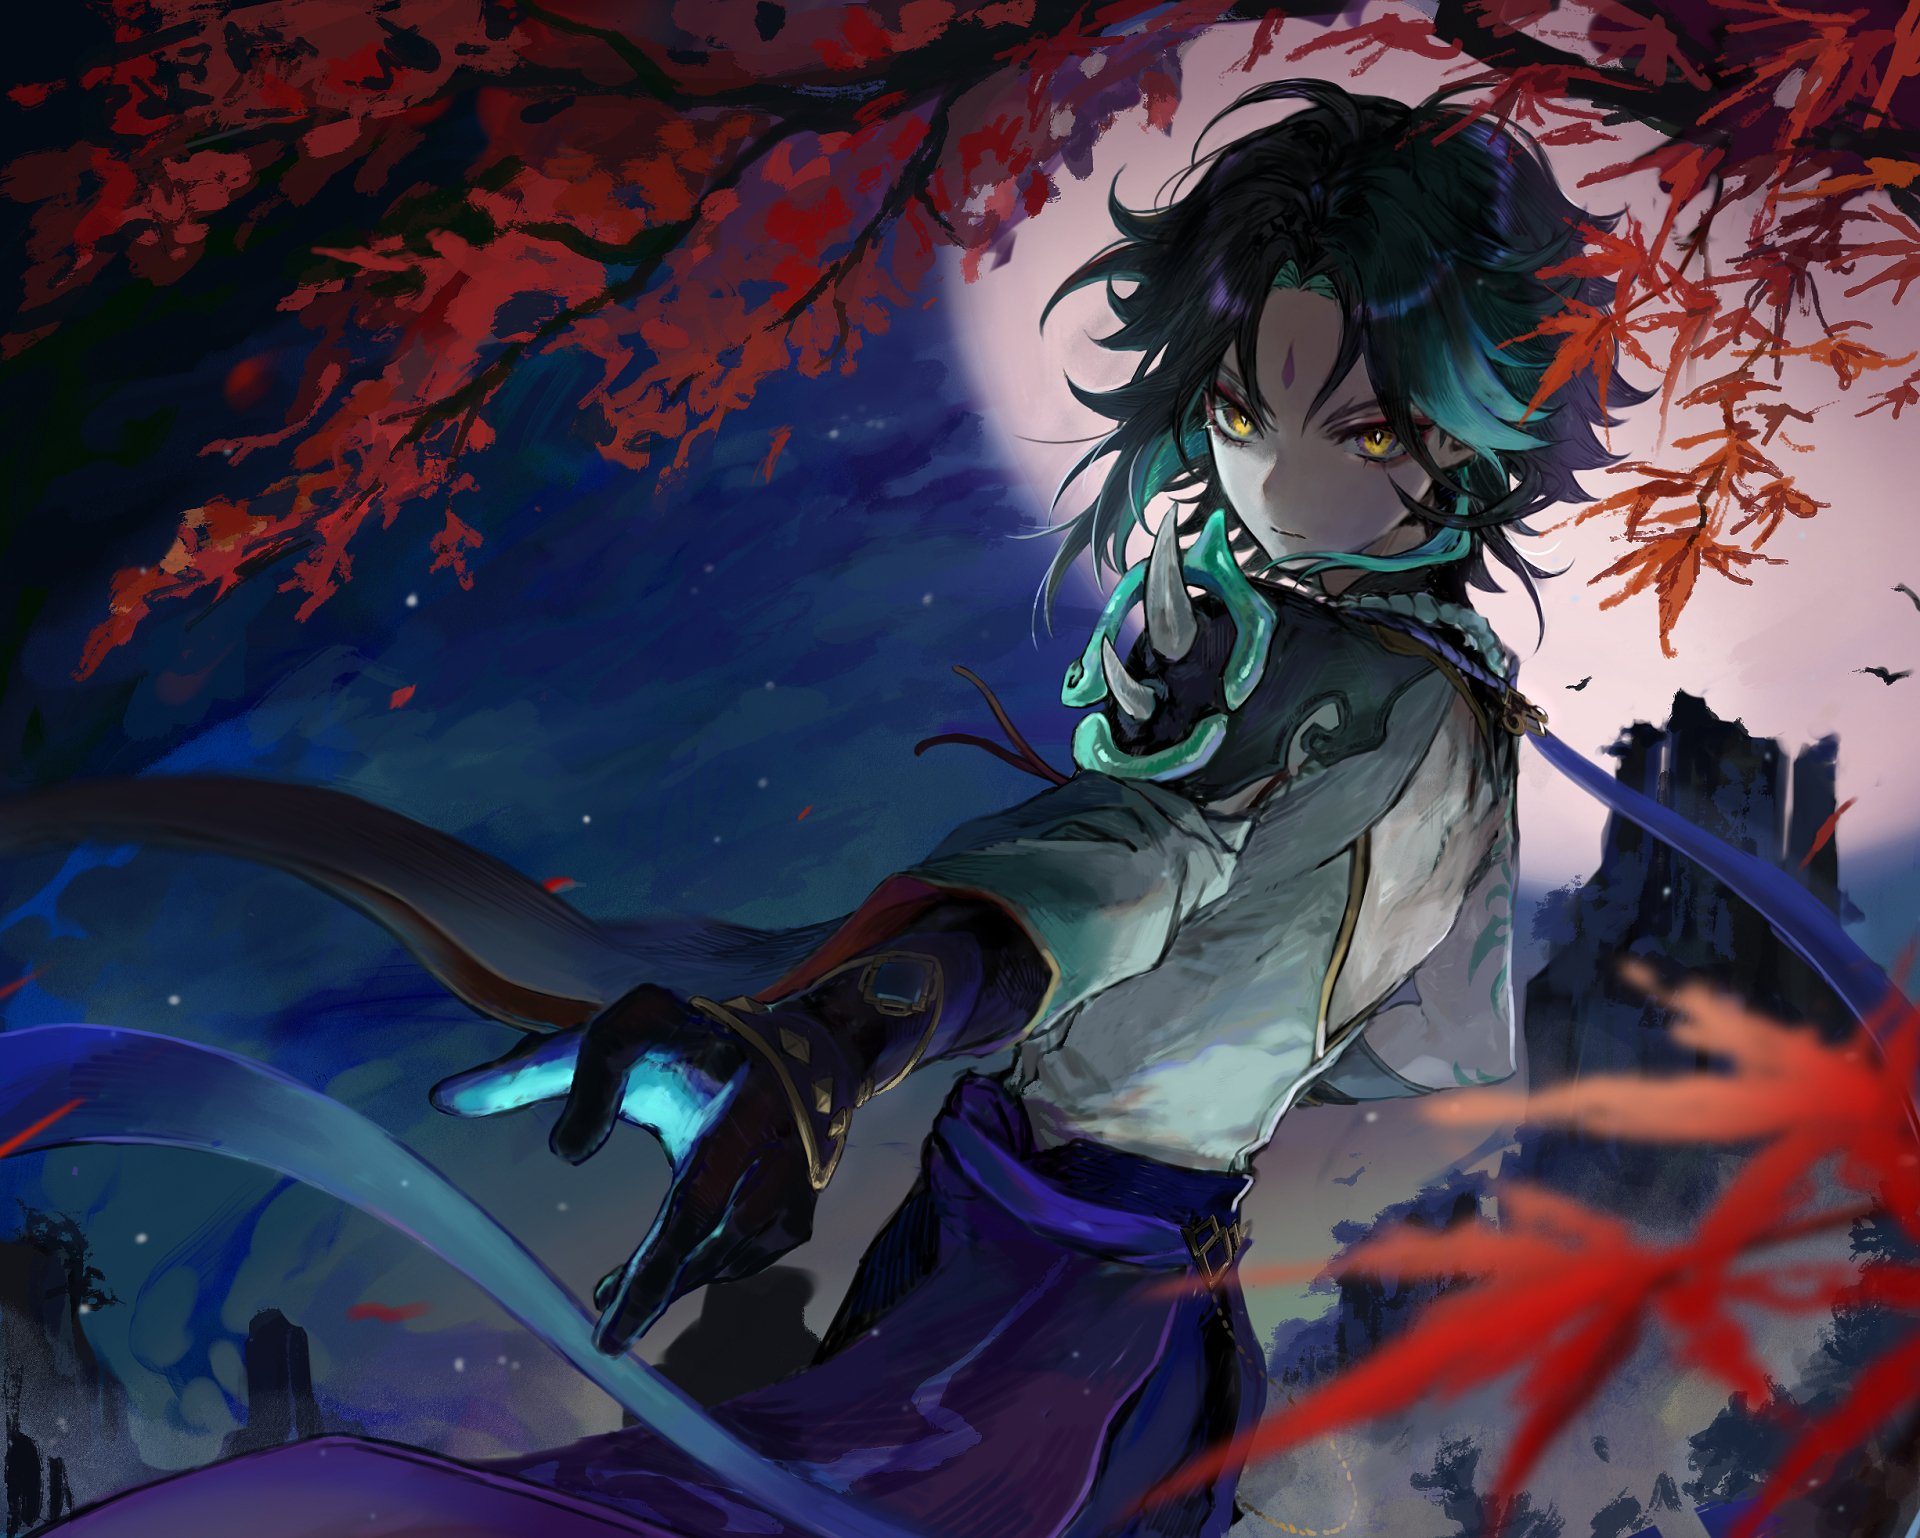 Xiao Genshin Impact Wallpaper HD 4k